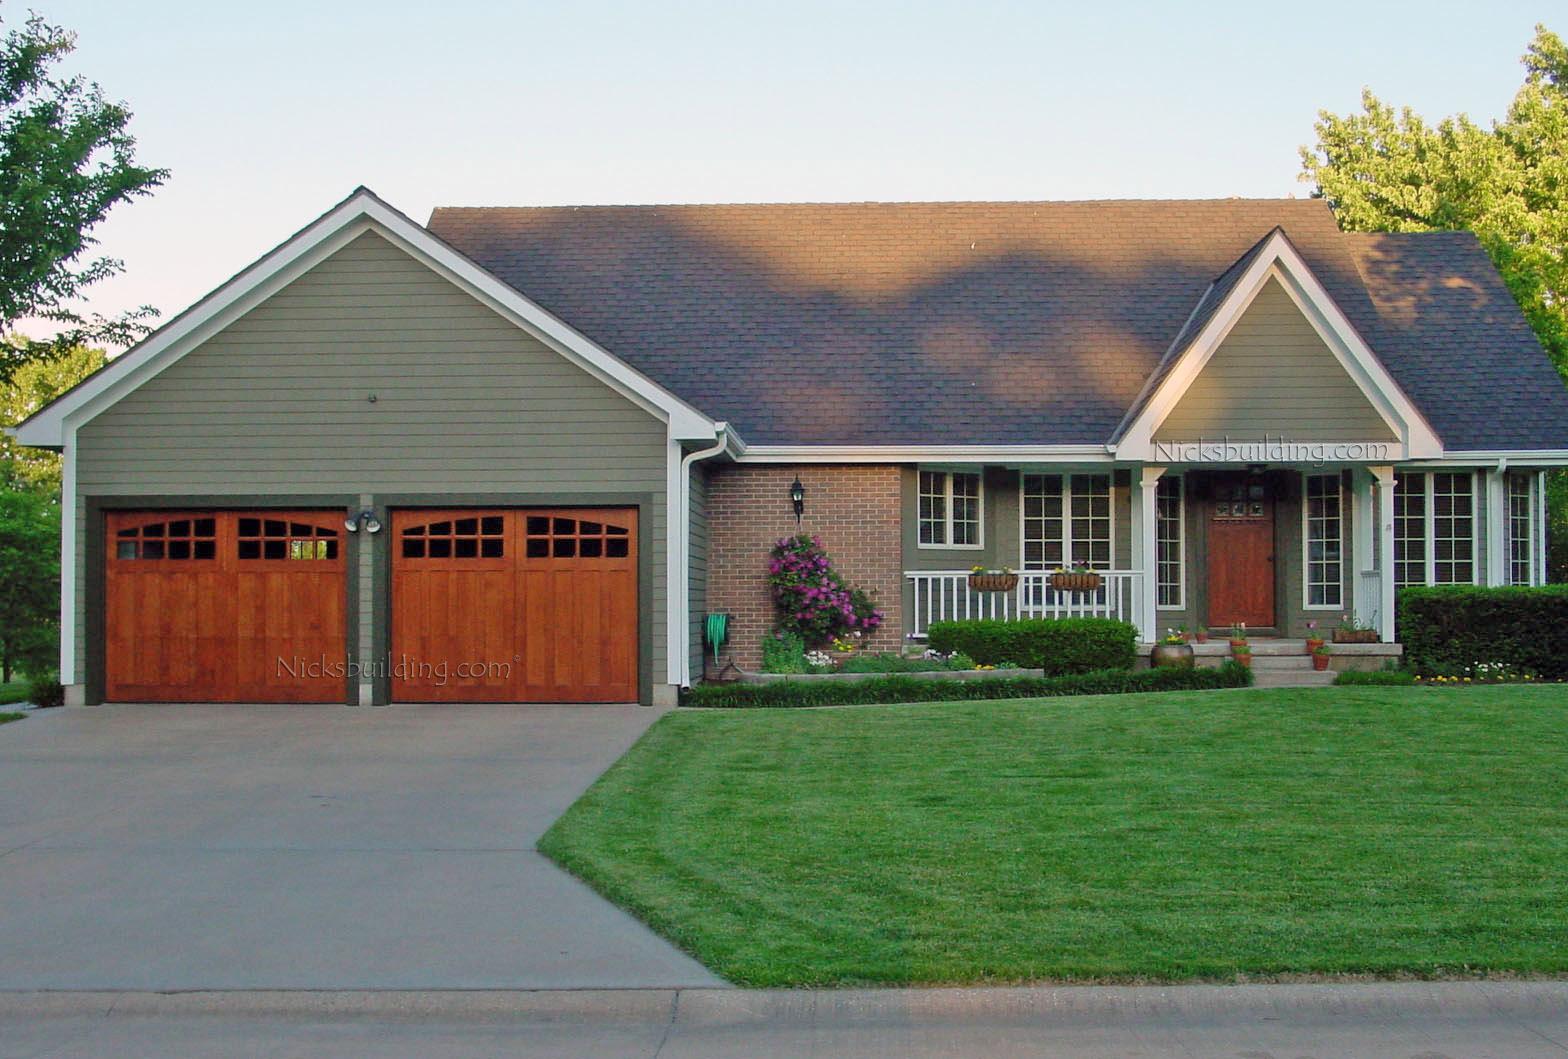 11 Artistic Craftsman Garages  Home Plans  Blueprints